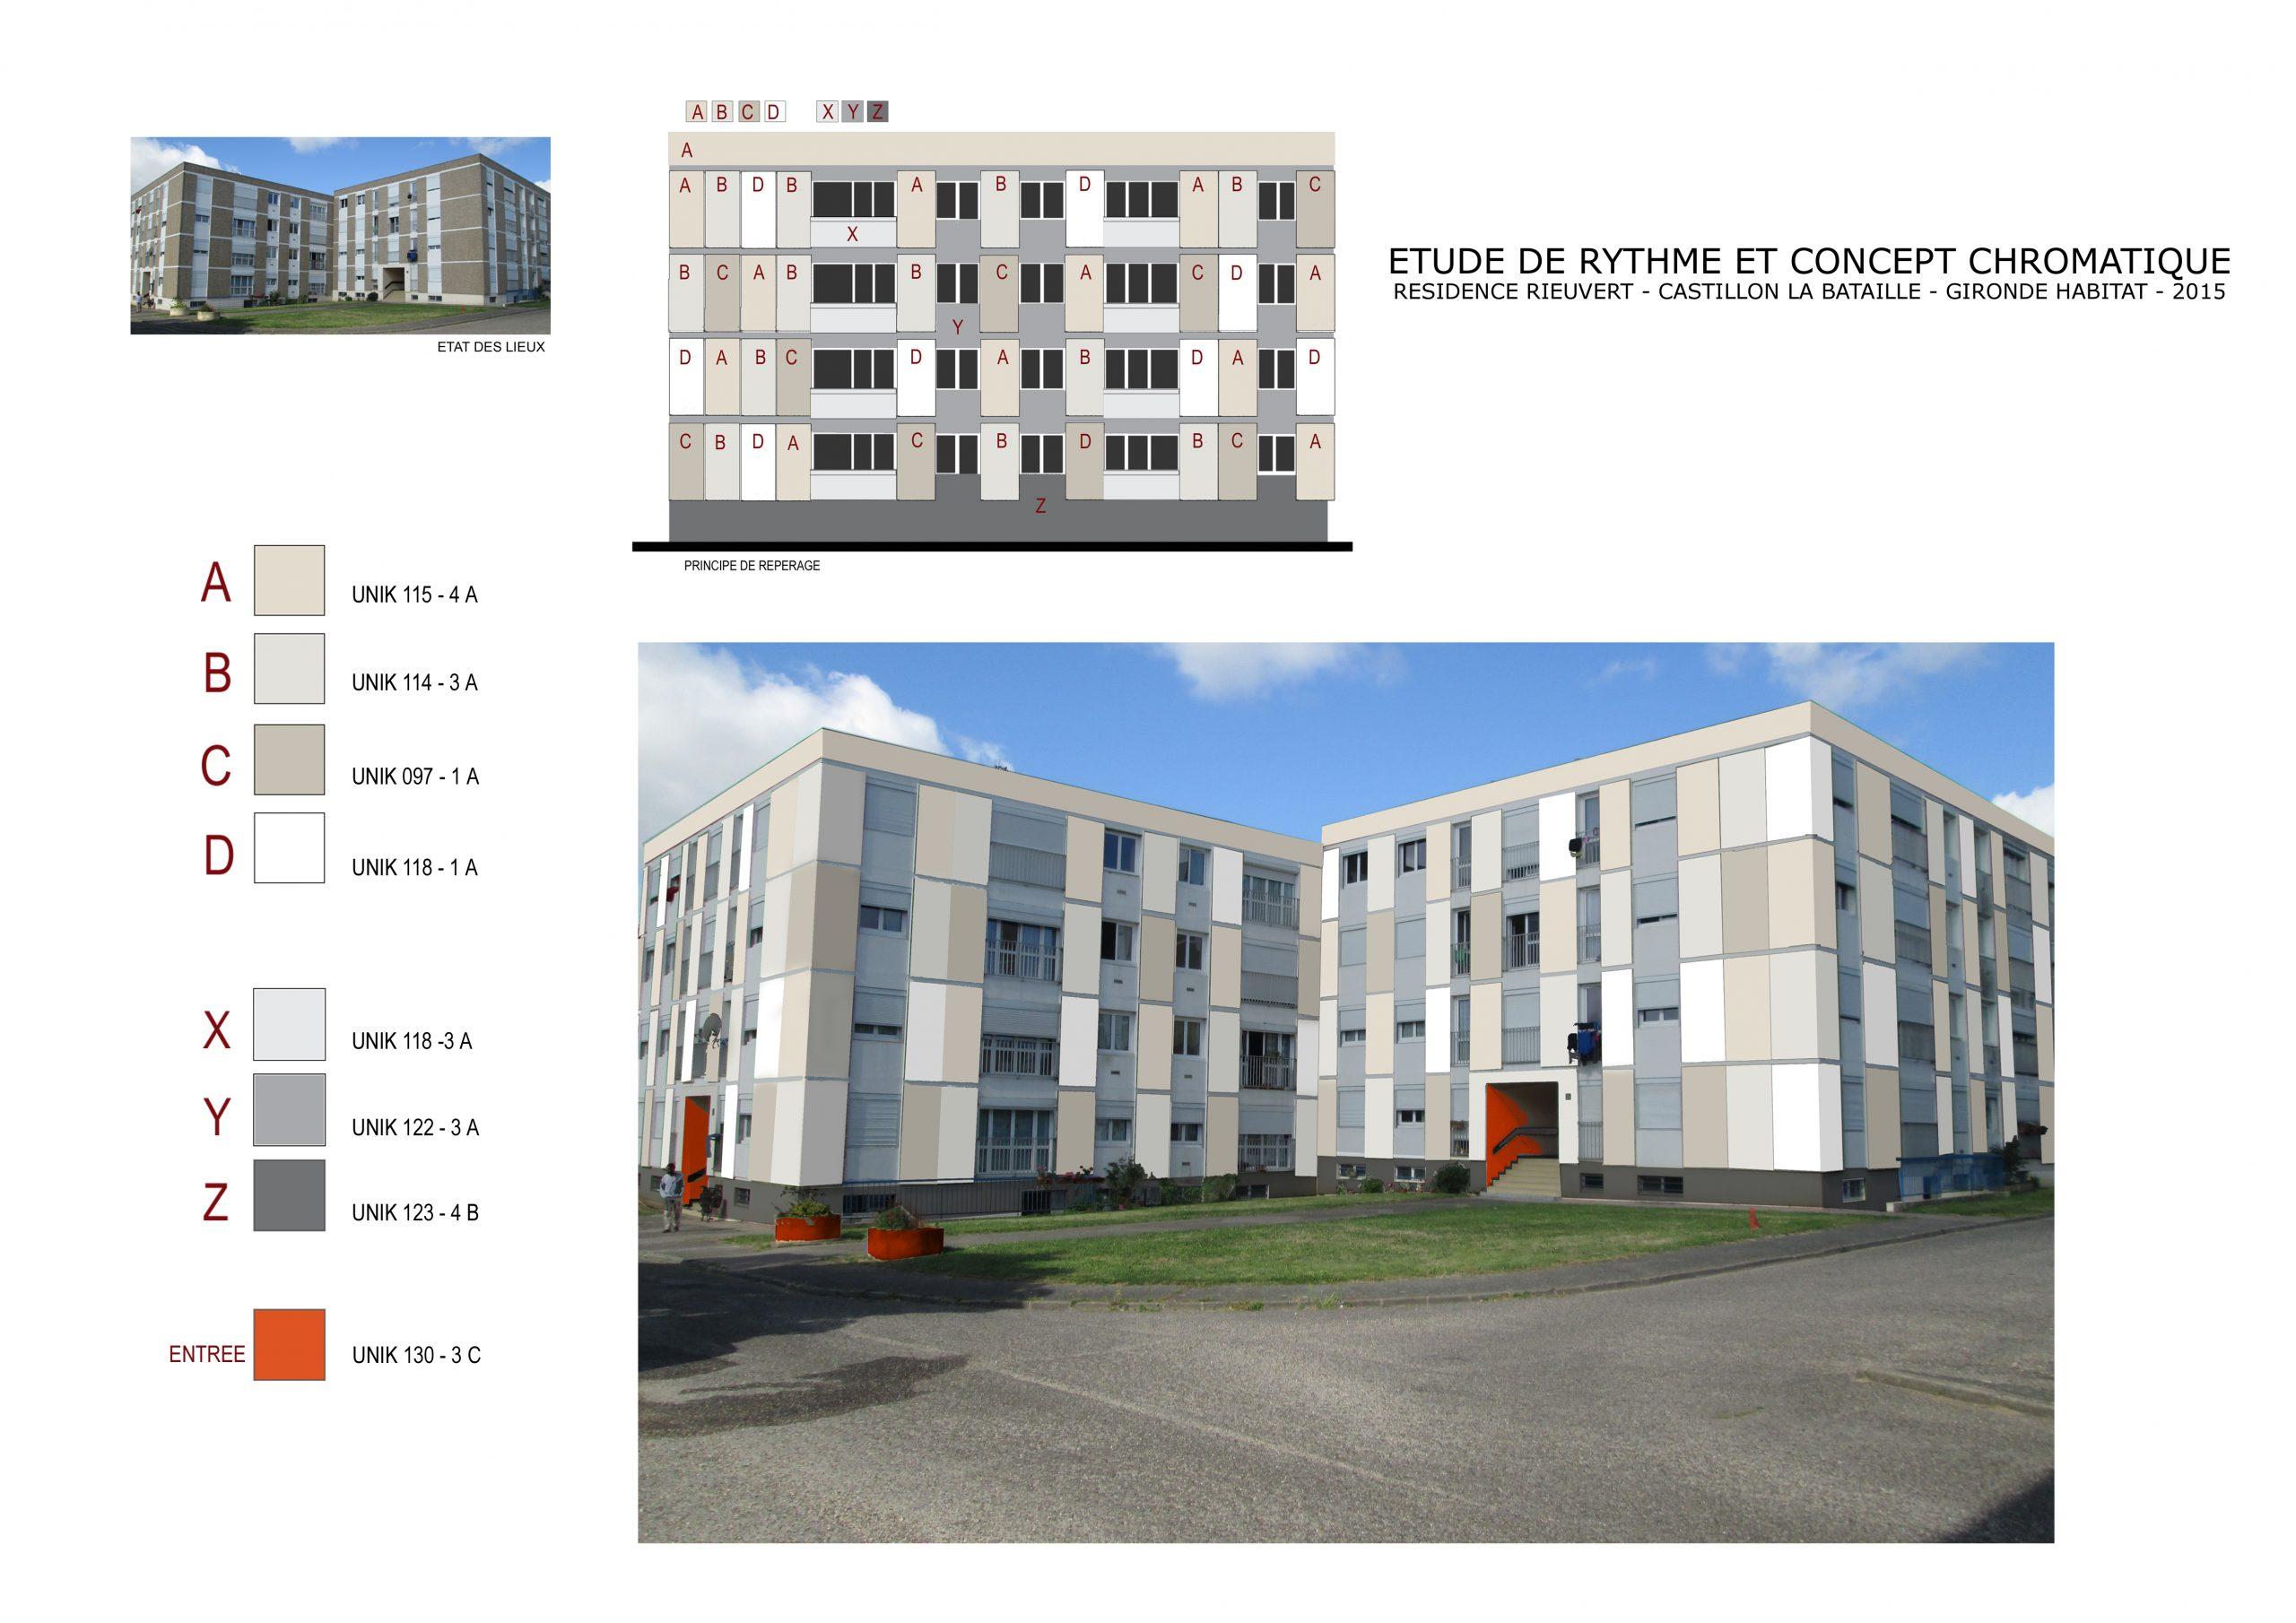 Valorisation de façades-chromo-architecture urbaine-Castillon la bataille